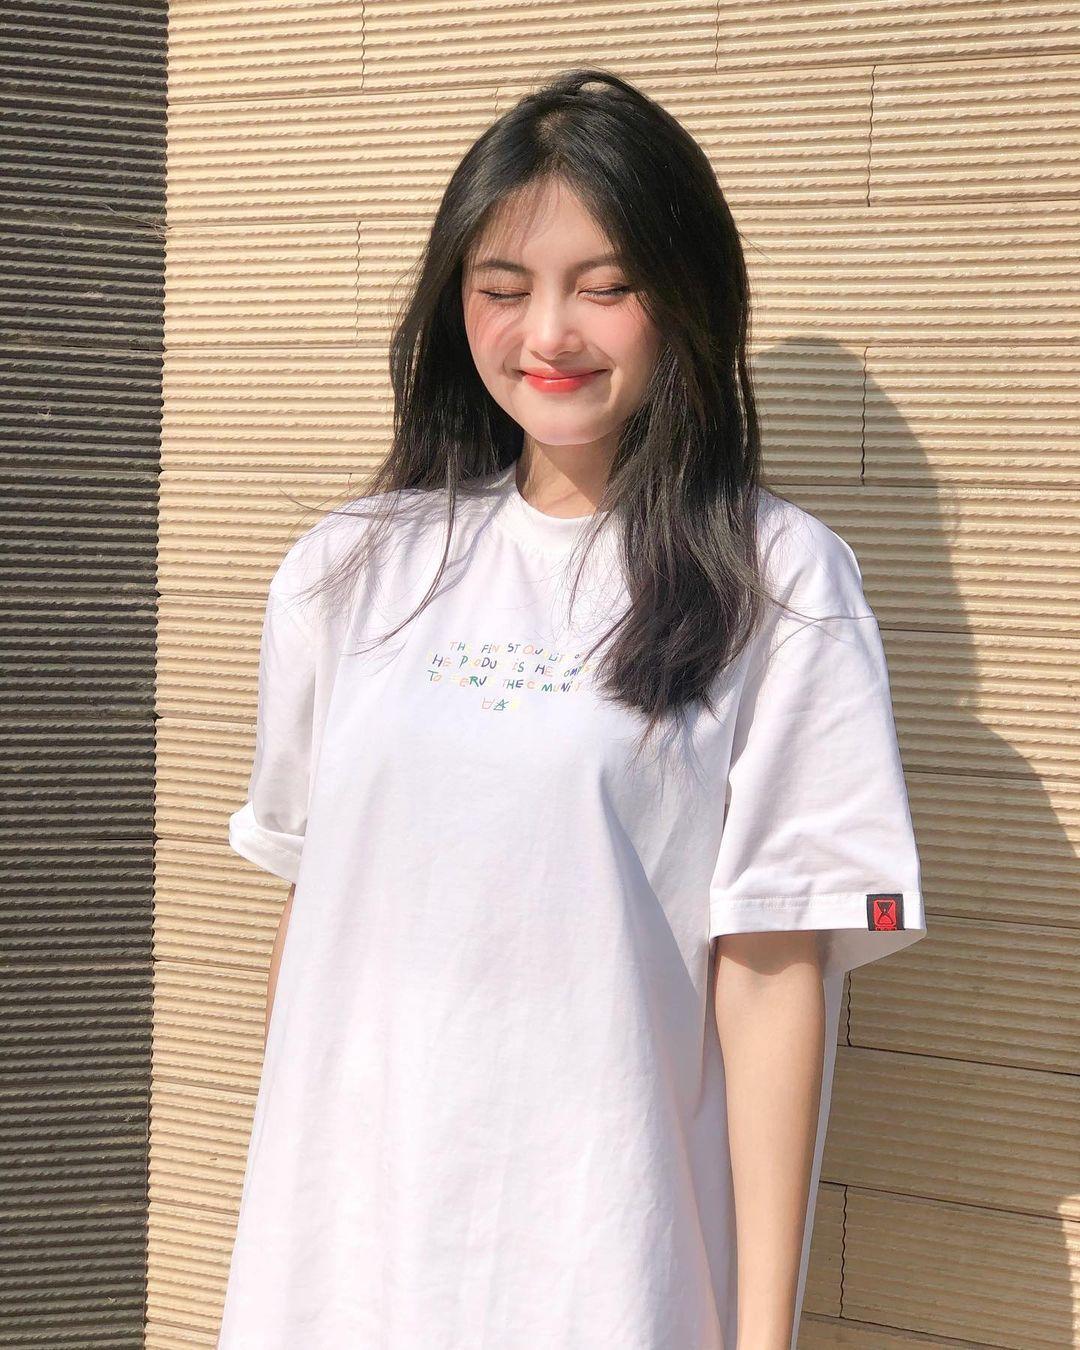 [人物]清纯越南妹子「Leely」辣穿奥黛,让人不被她掳获都不行啊. 养眼图片 第6张